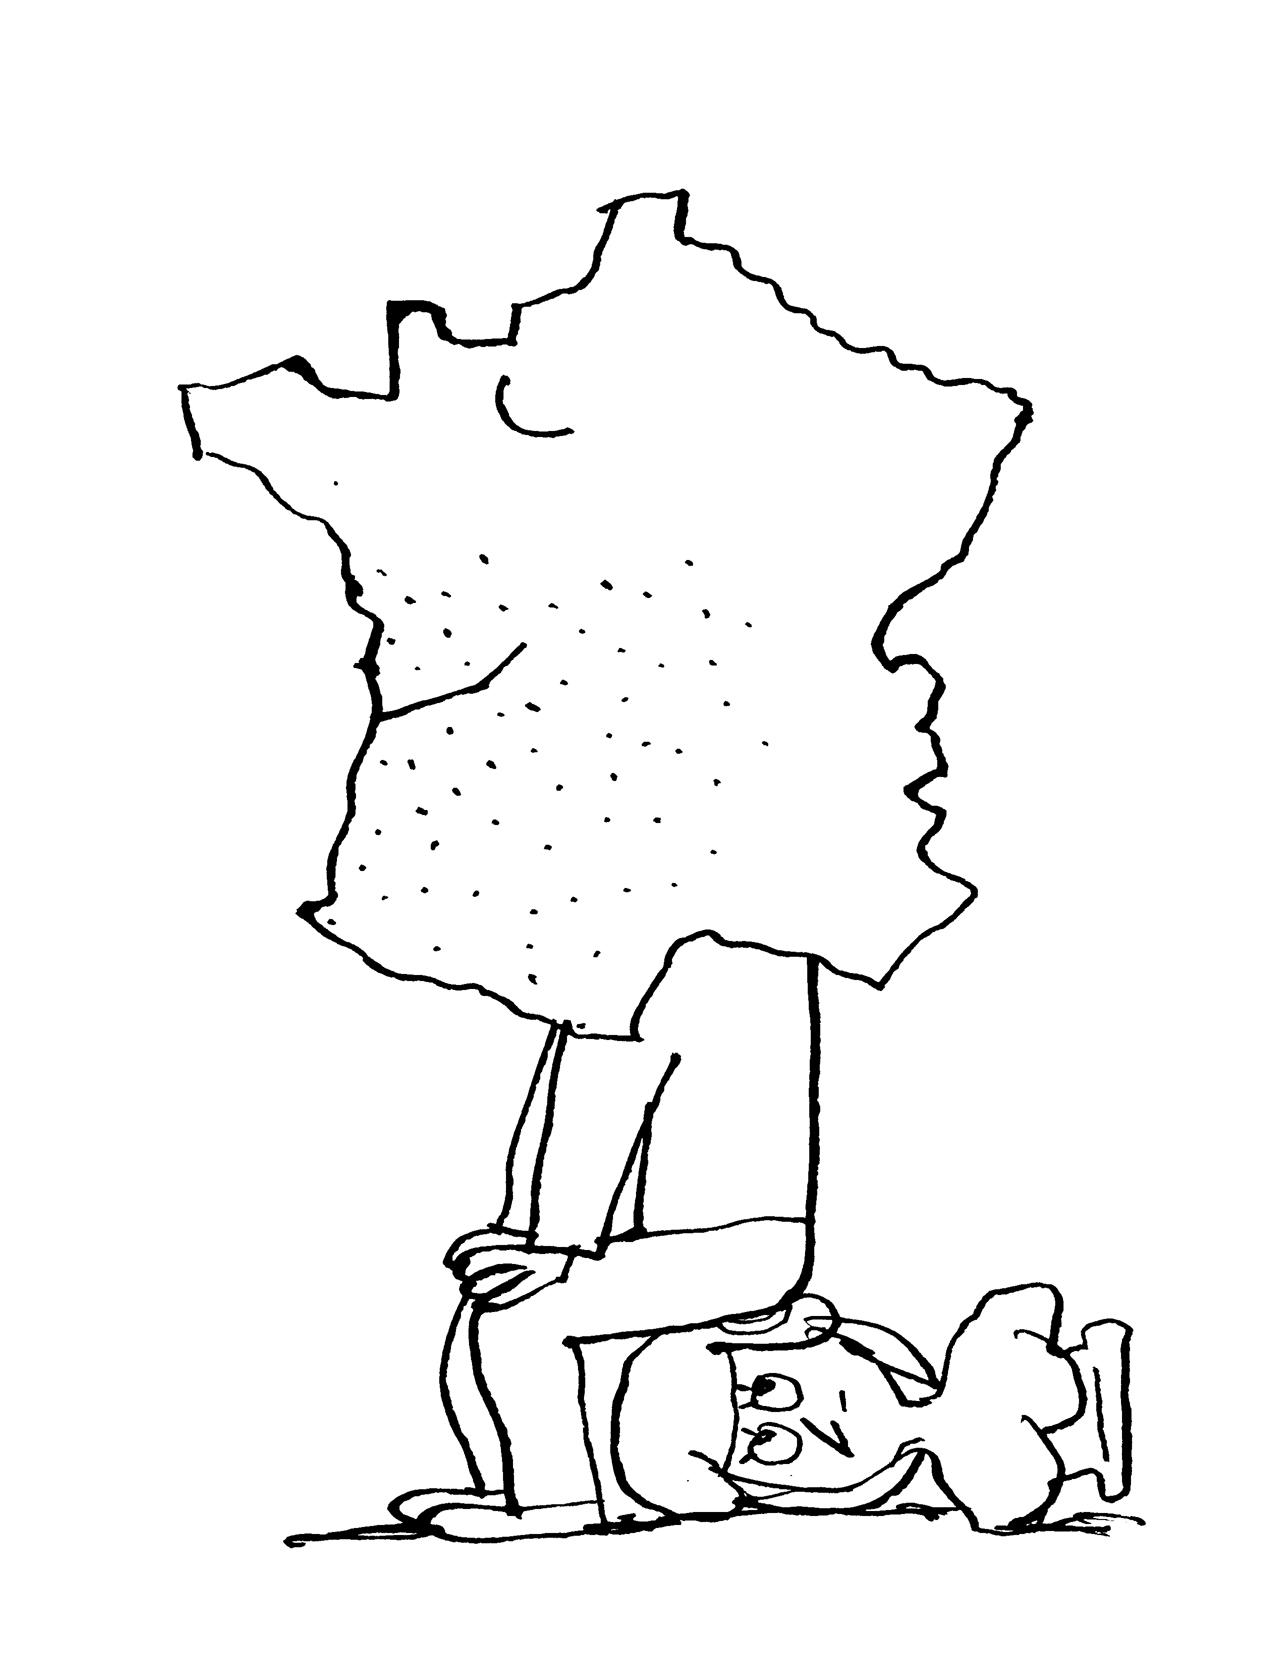 Editions de l'Aube pascal lemaitre les grands entretiens d'emile